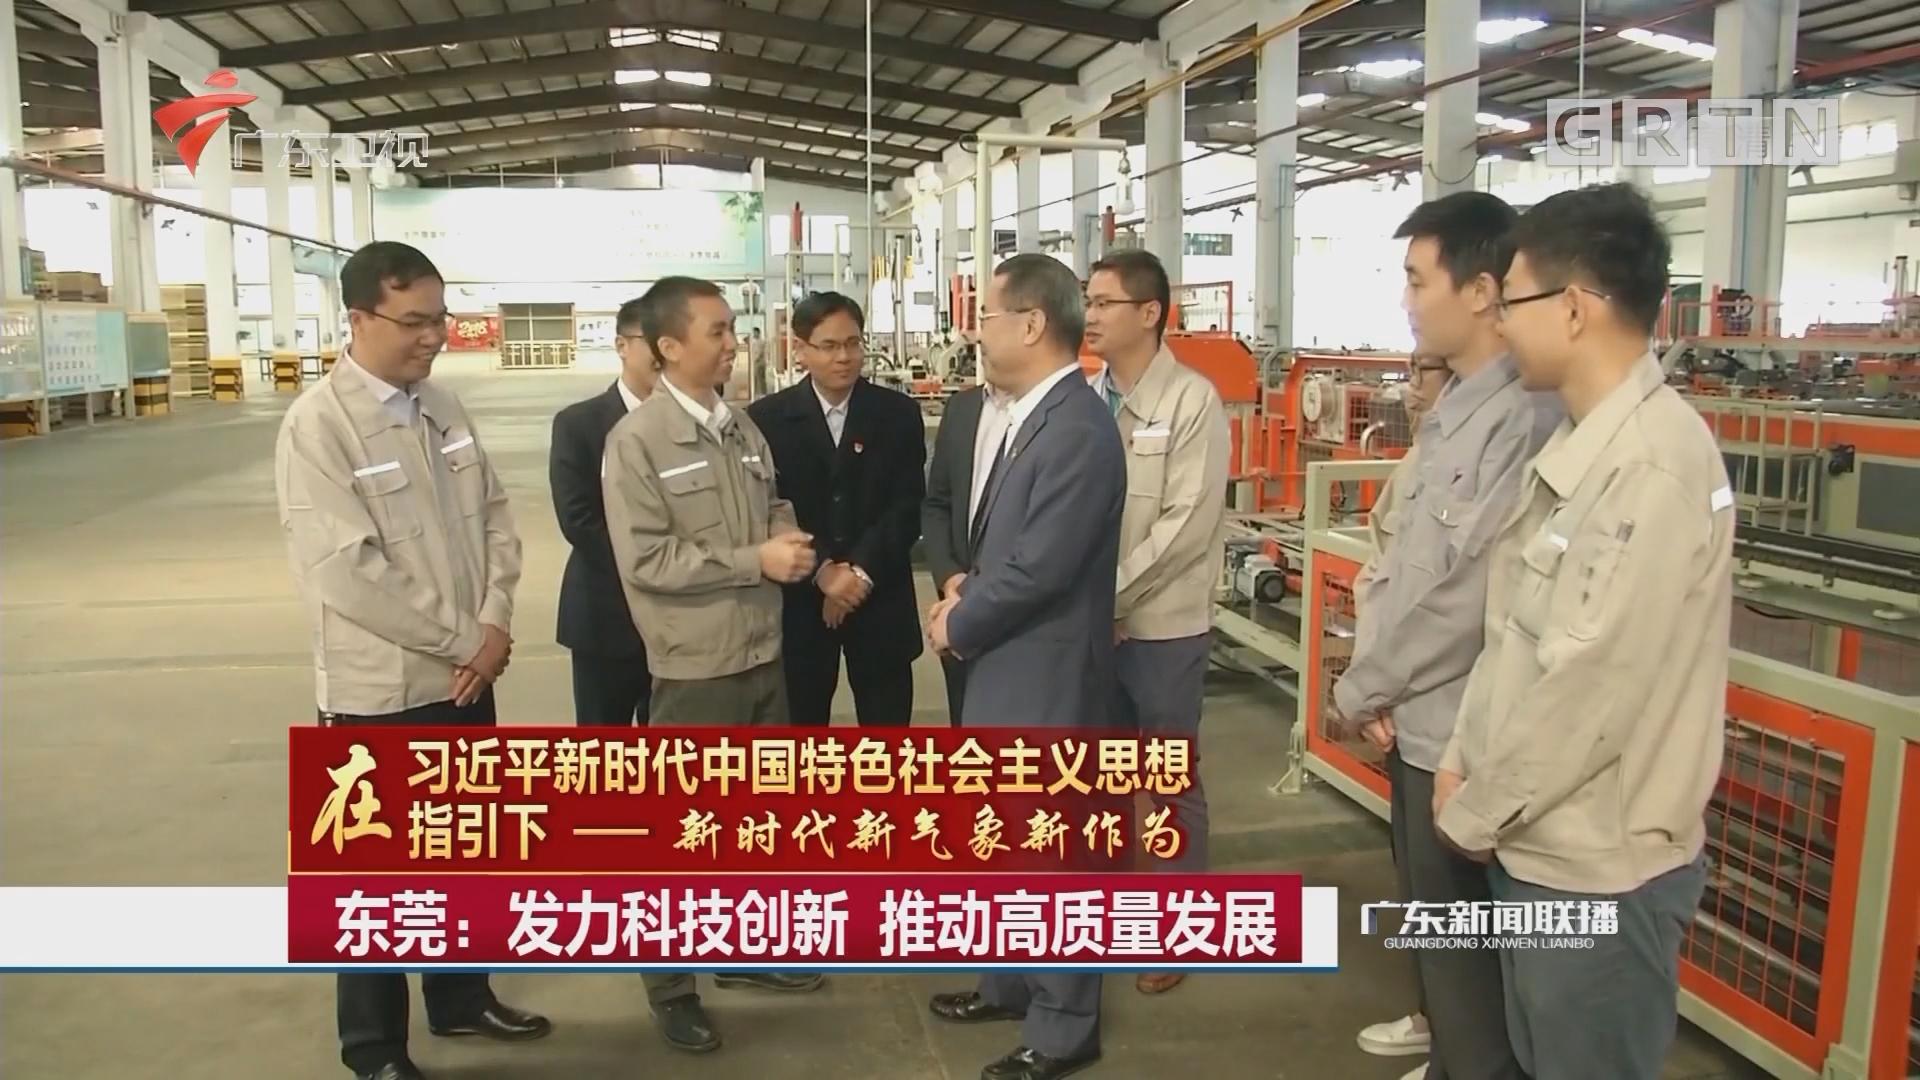 东莞:发力科技创新 推动高质量发展